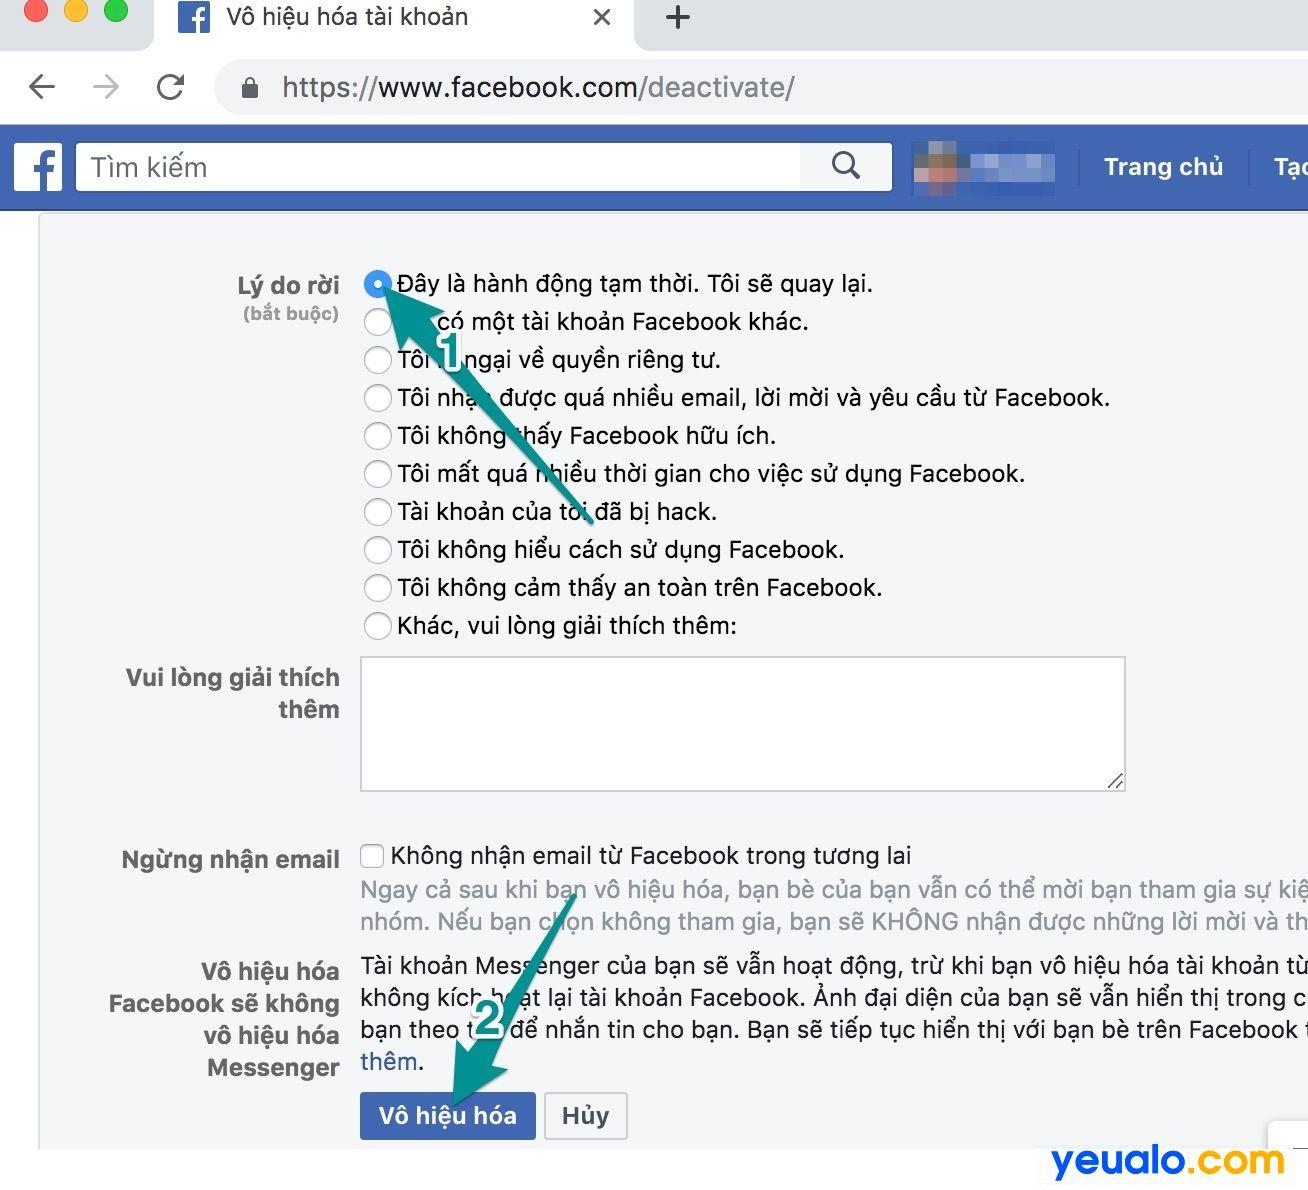 Cách ẩn nick Facebook không cho người khác tìm thấy trên máy tính